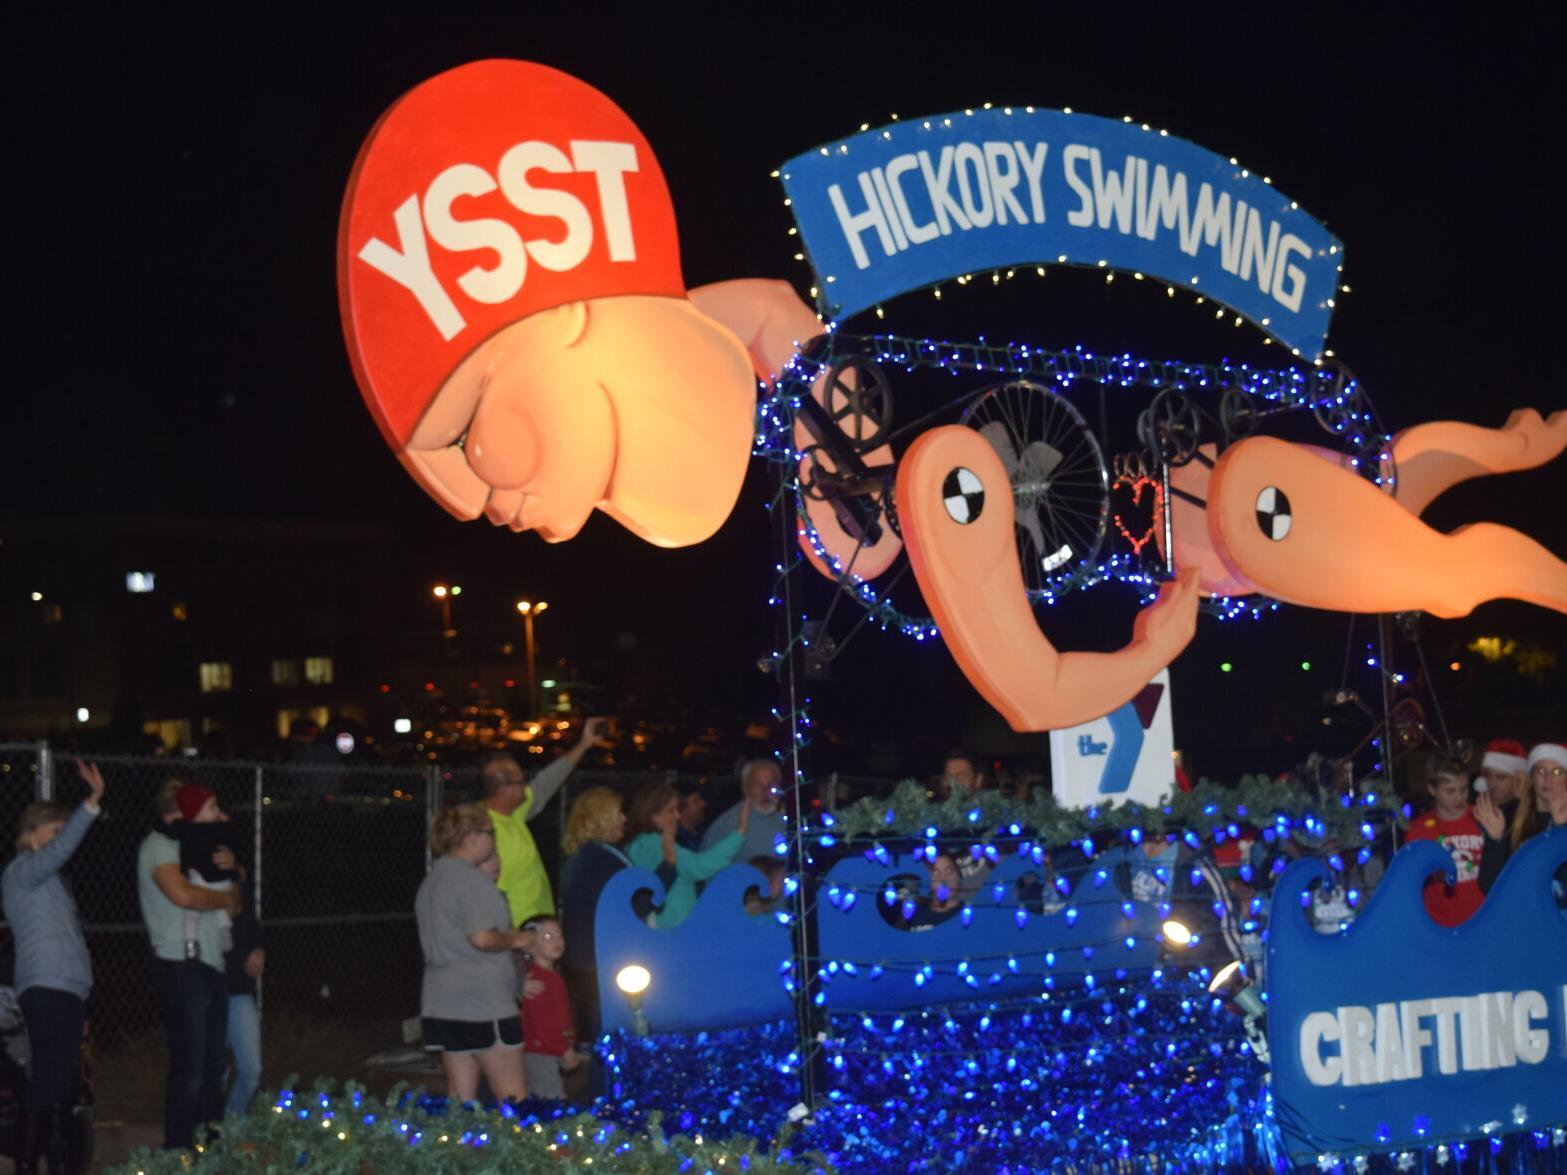 Hudson Nc Christmas Parade 2021 Hickory Christmas Parade Canceled Tree Lighting Still On Local News Hickoryrecord Com